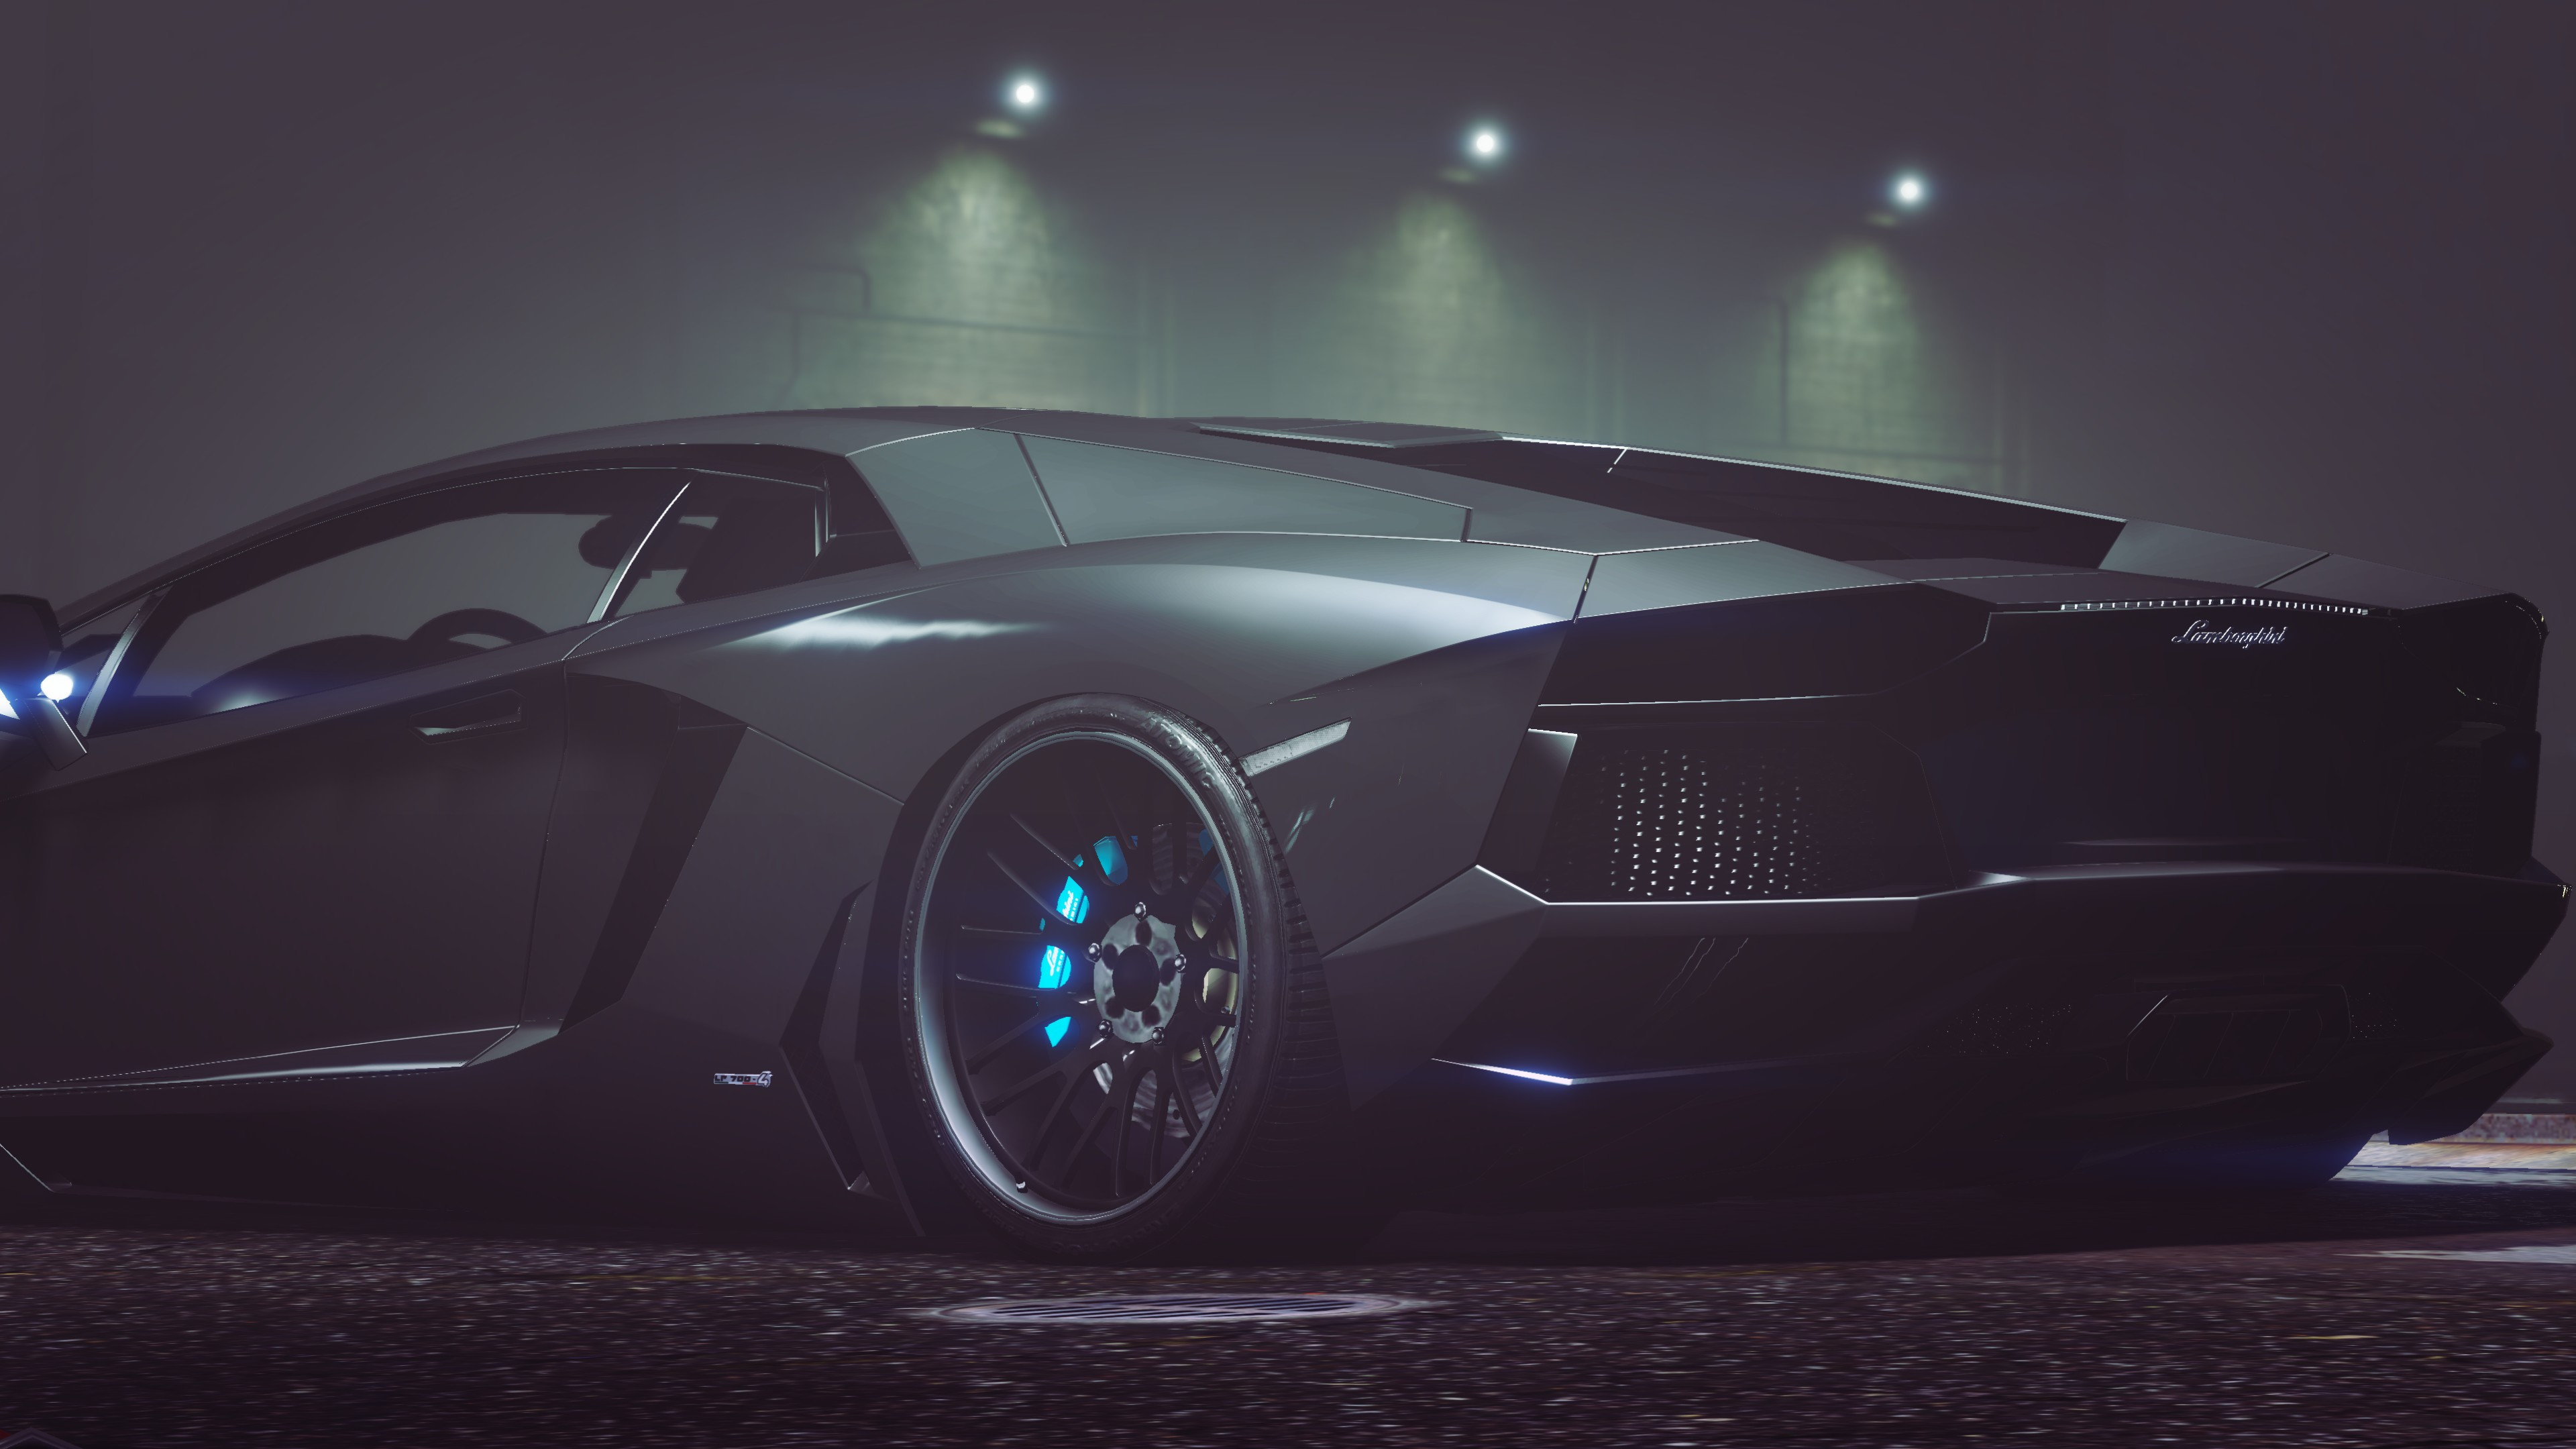 Gta 5 mod brings real cars to san andreas vg247